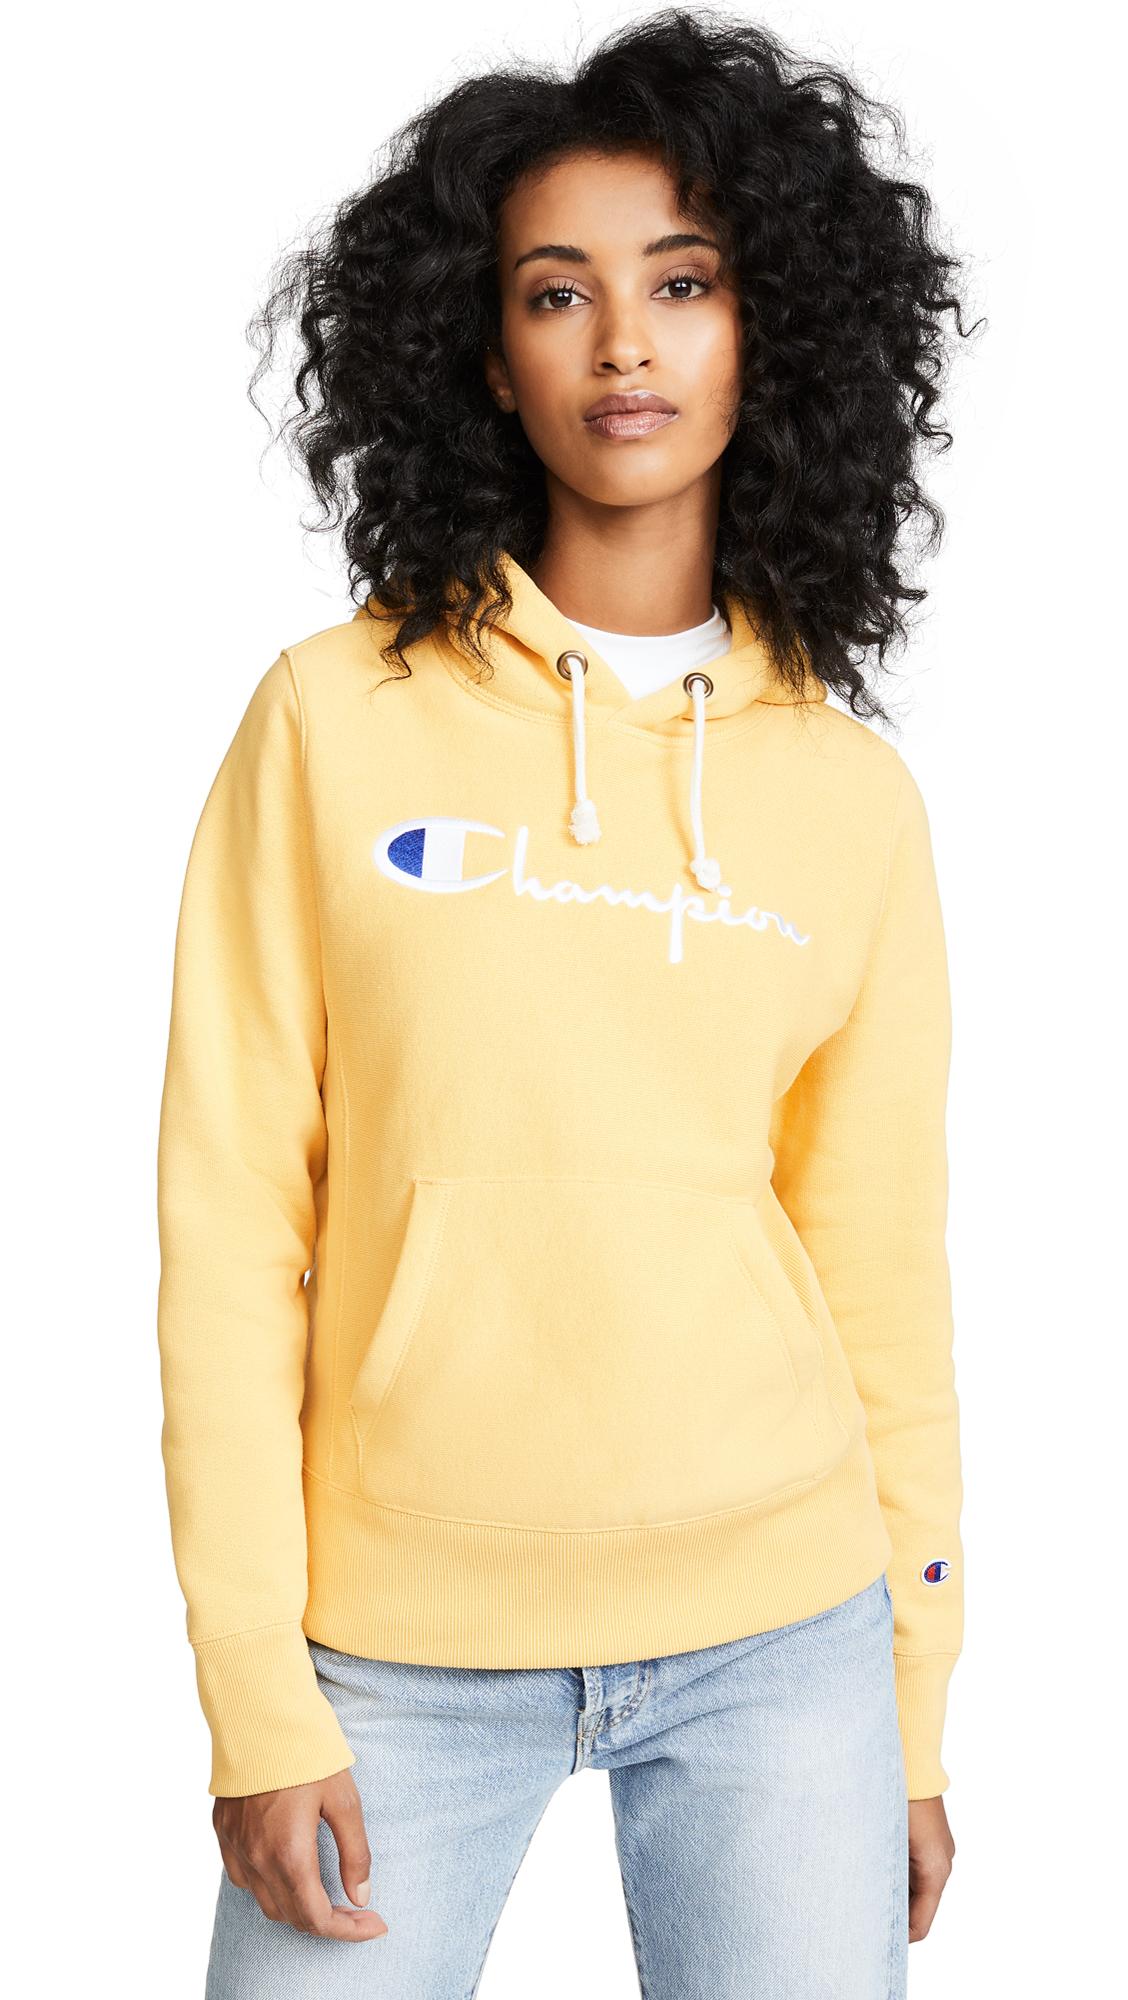 Champion Premium Reverse Weave Hooded Sweatshirt - Yellow